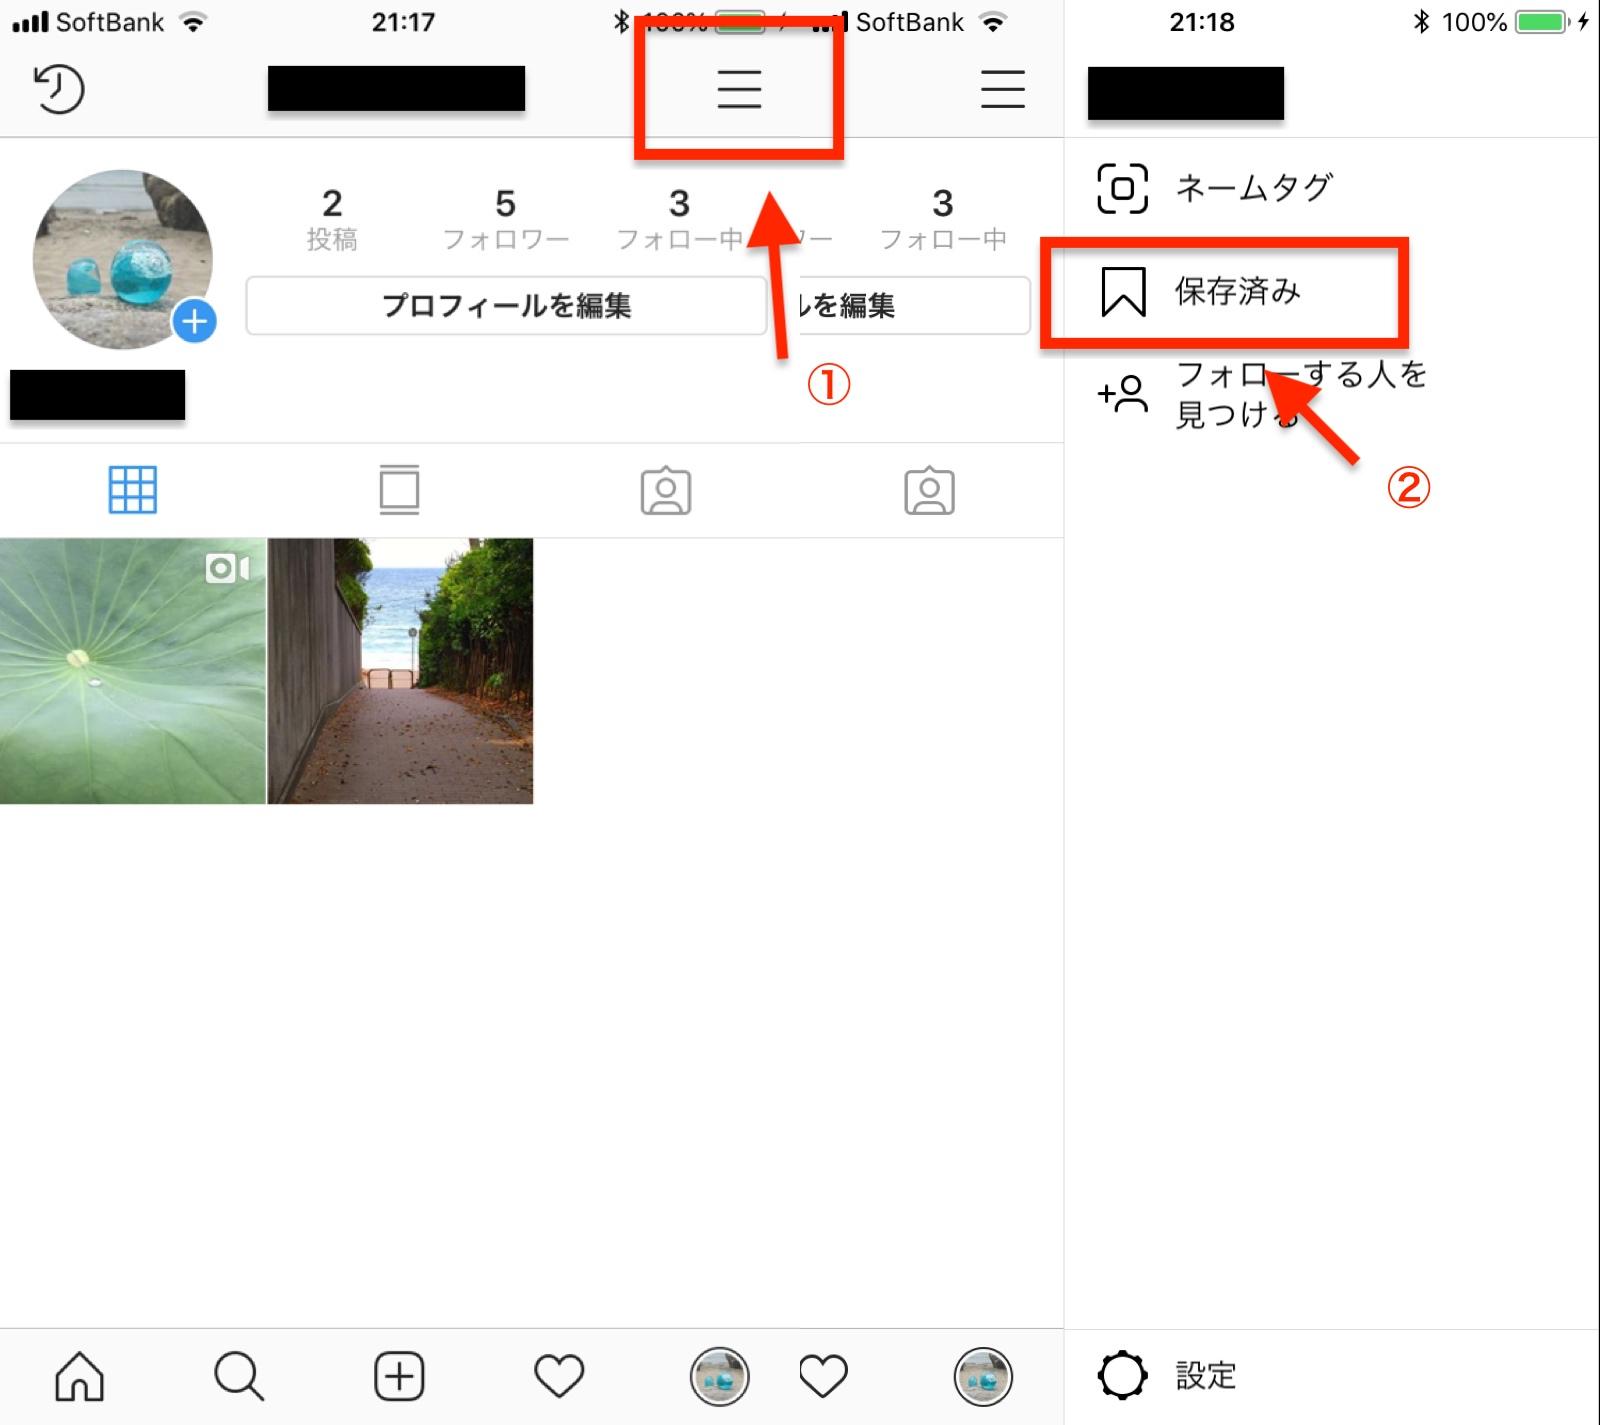 2018年最新 Instagramから動画を無料でダウンロードする13の方法